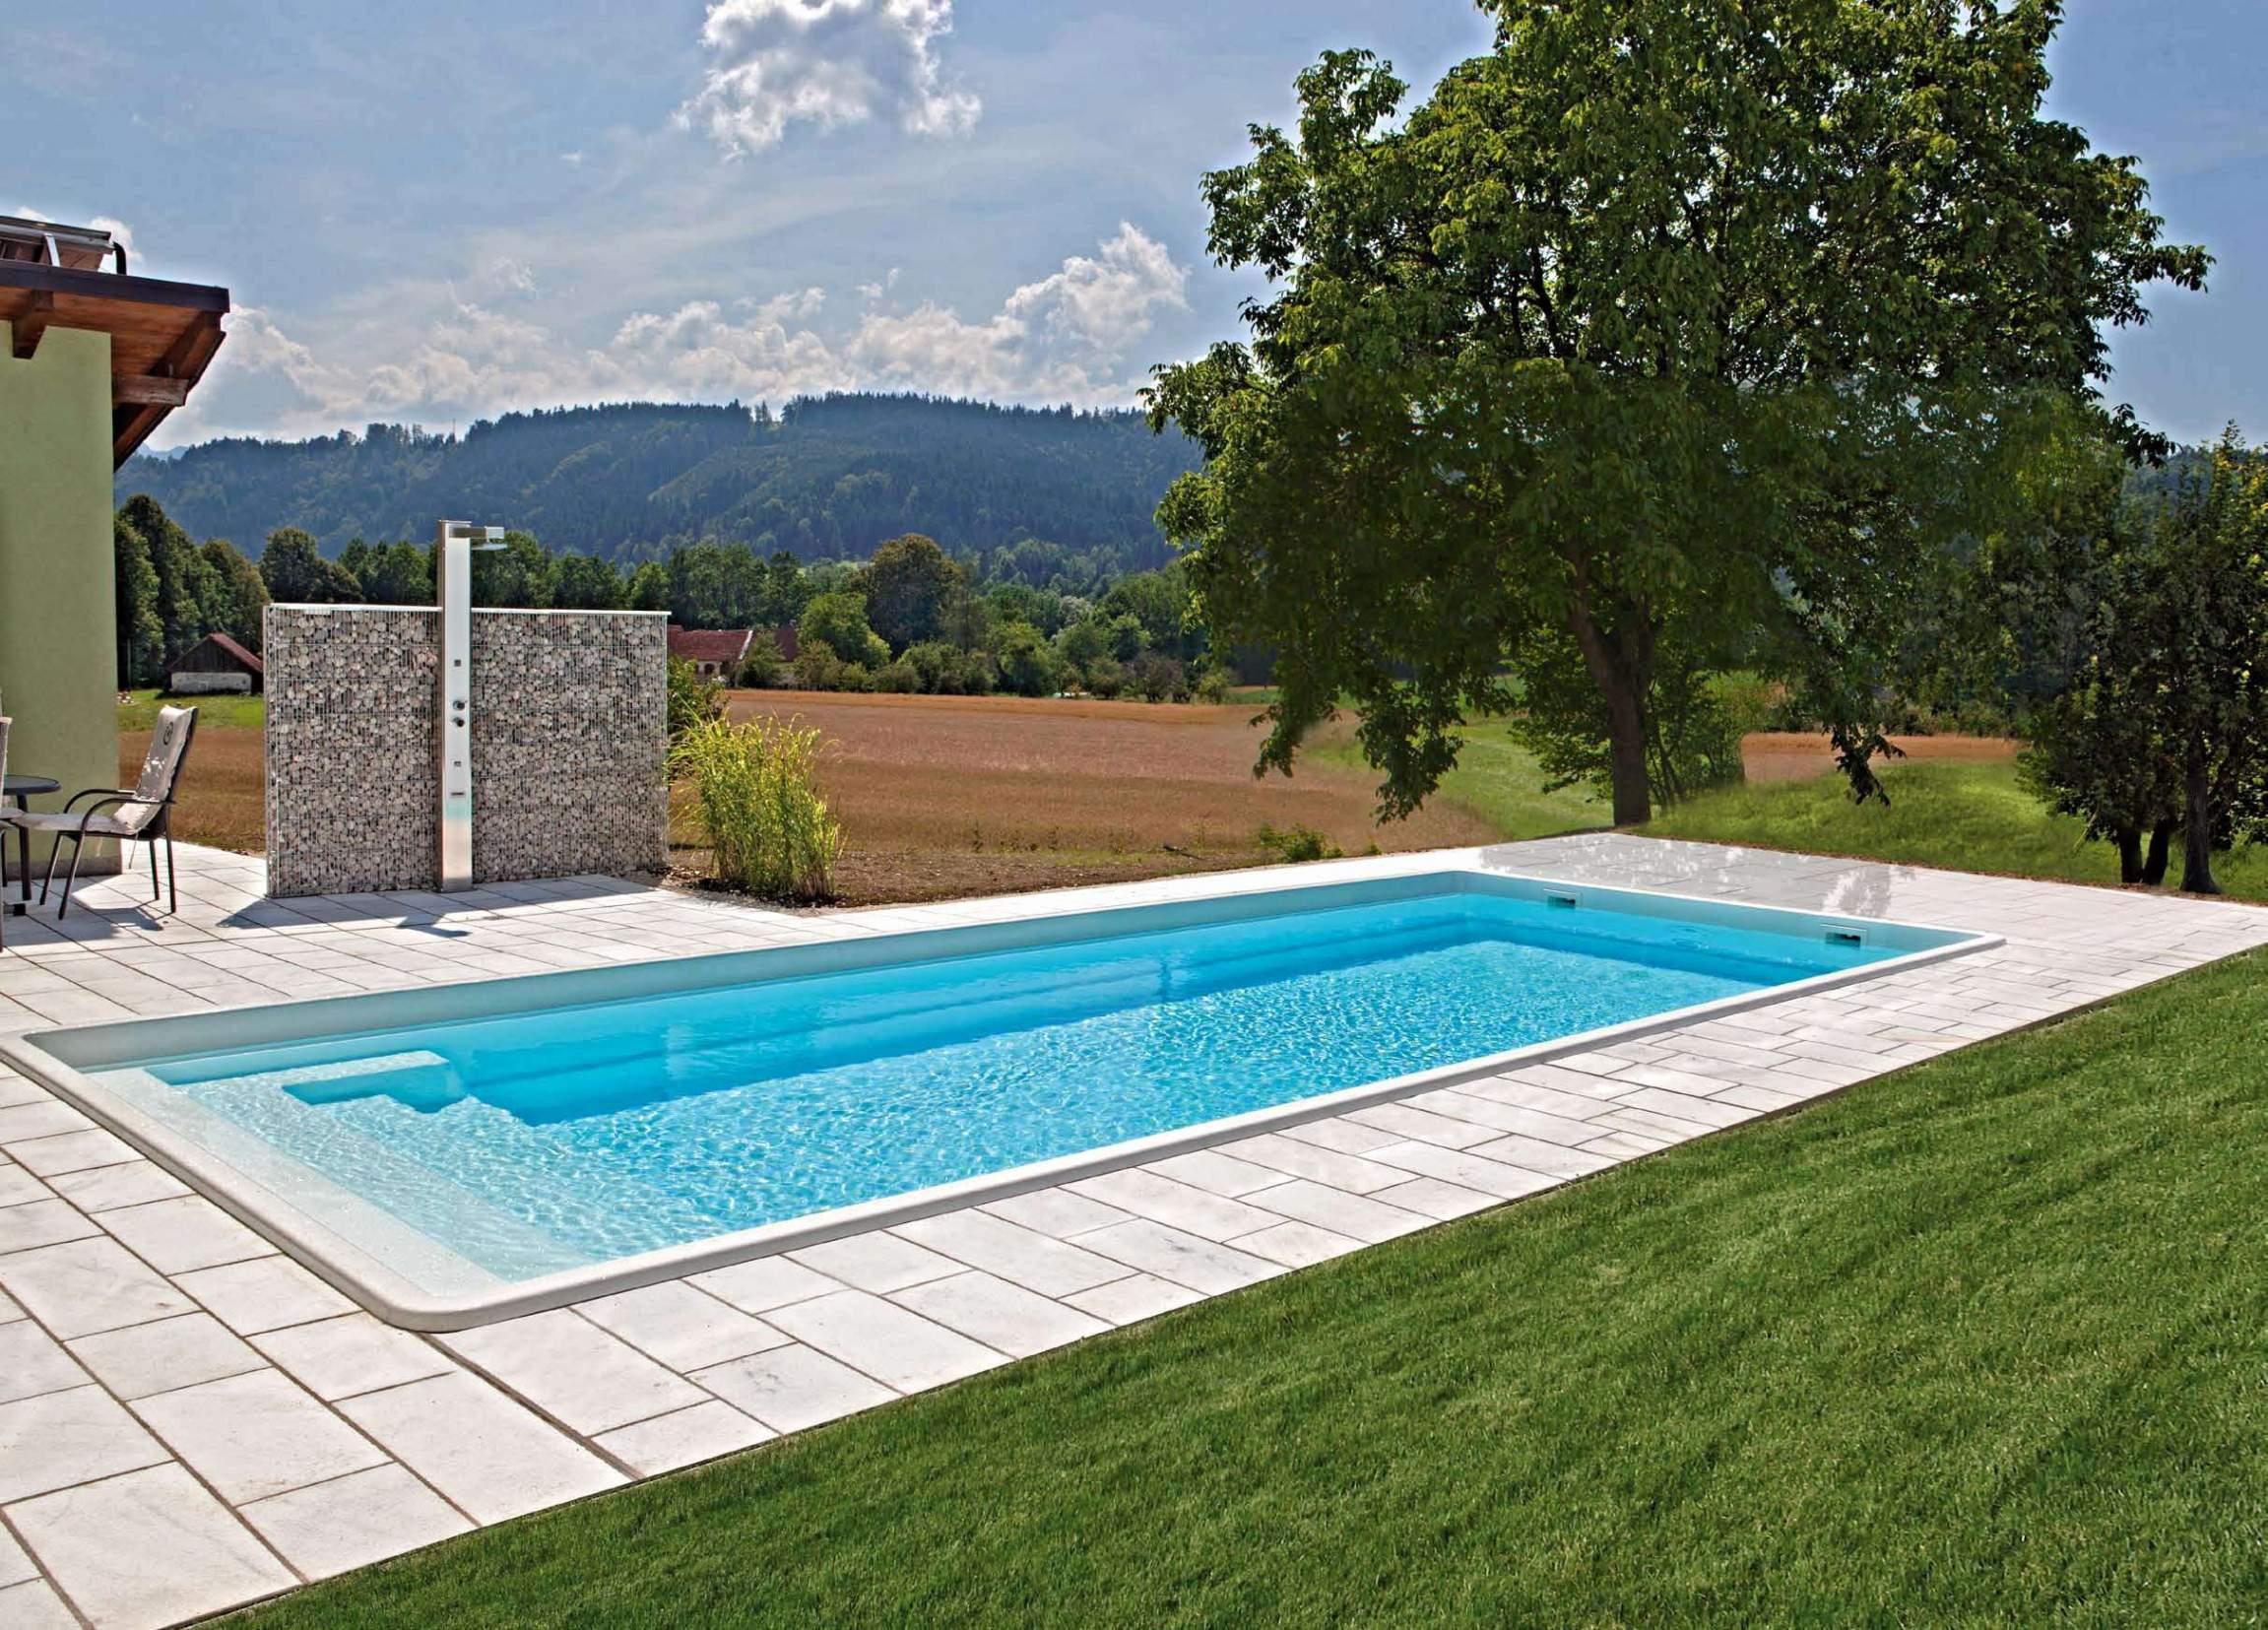 Garten Kaufen Leipzig Inspirierend Swimming Pool Leipzig — Temobardz Home Blog